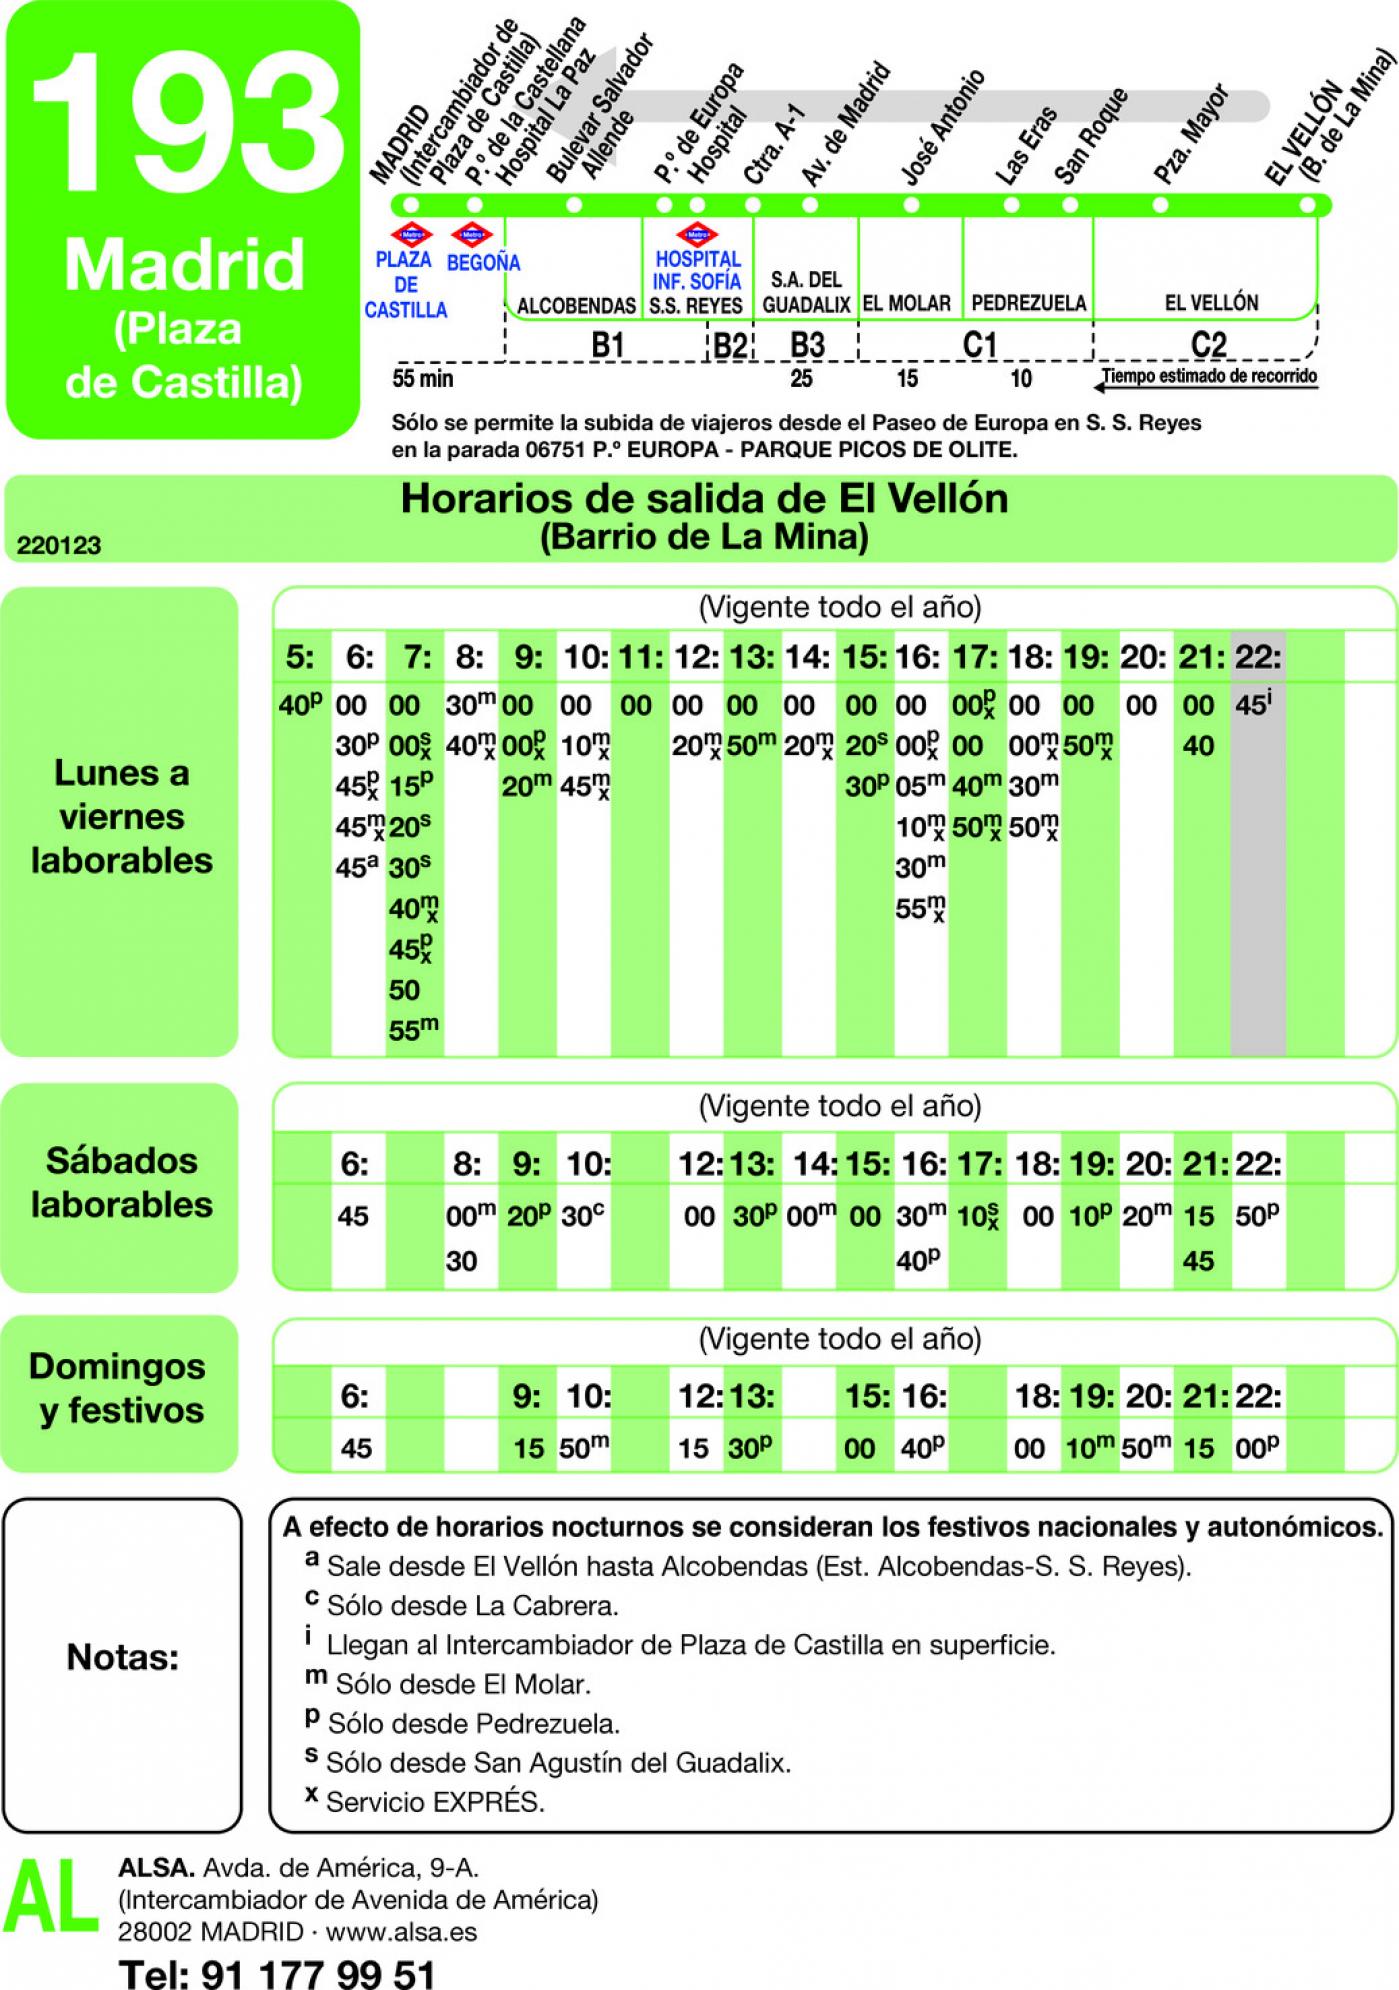 Tabla de horarios y frecuencias de paso en sentido vuelta Línea 193: Madrid (Plaza Castilla) - Pedrezuela - El Vellón